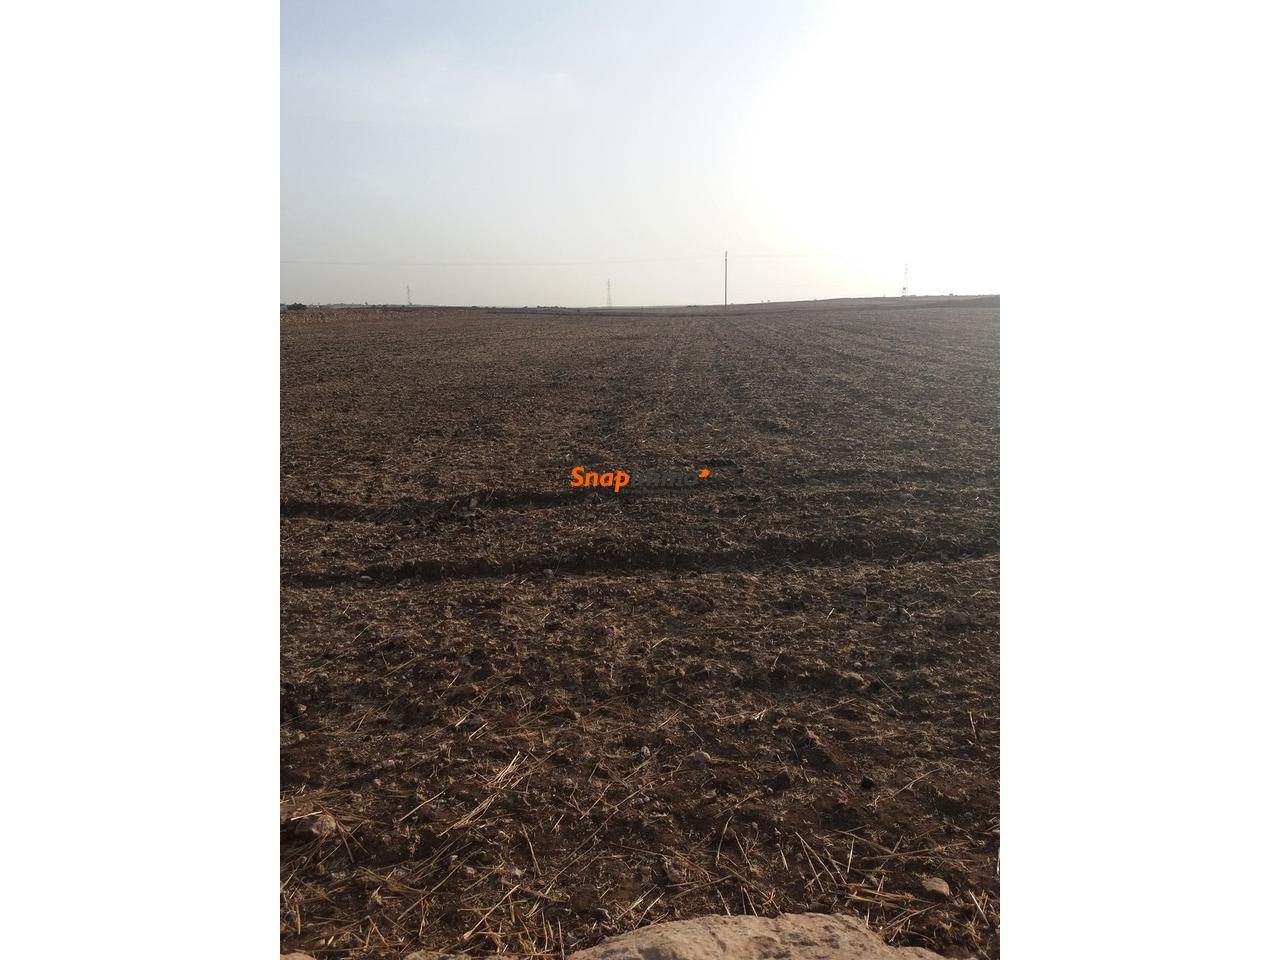 Terrain 1.5 hectare o nase a sidi ismail el jadida - 2/4